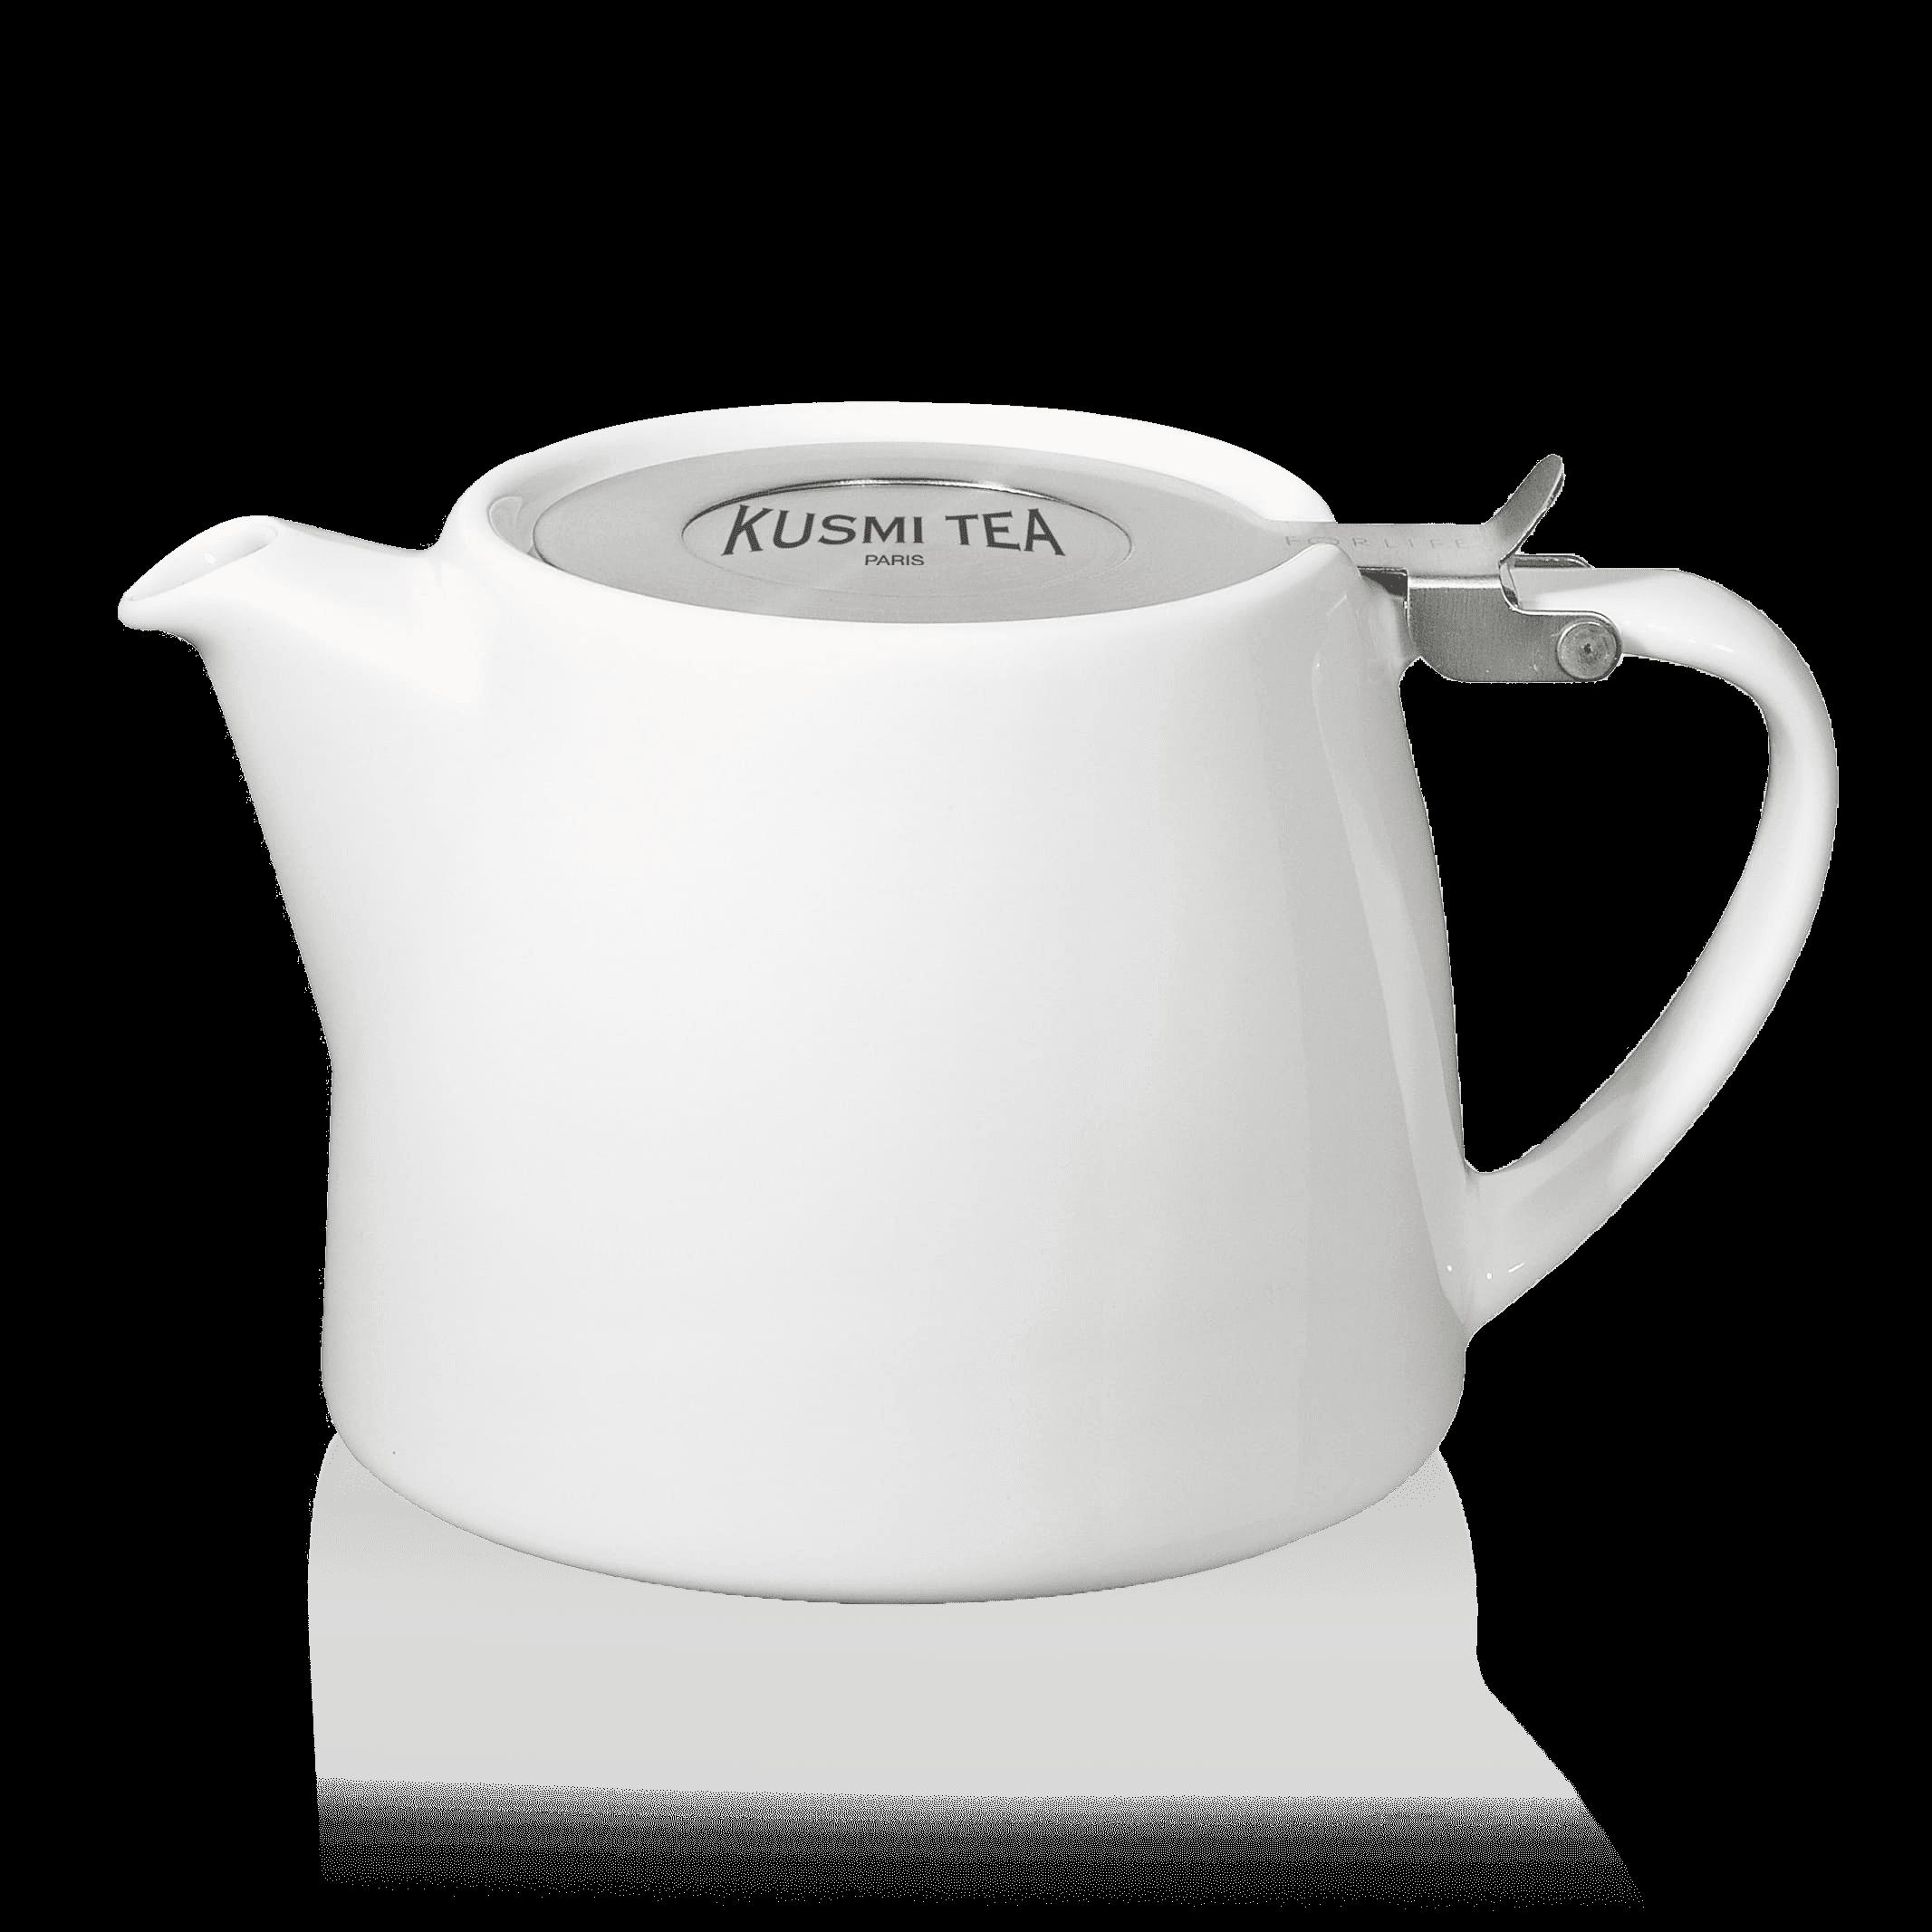 Théière Stump Kusmi 0,40L - THÉIÈRE EN PORCELAINE STUMP KUSMI 0,40L (SANS FILTRE) - Kusmi Tea